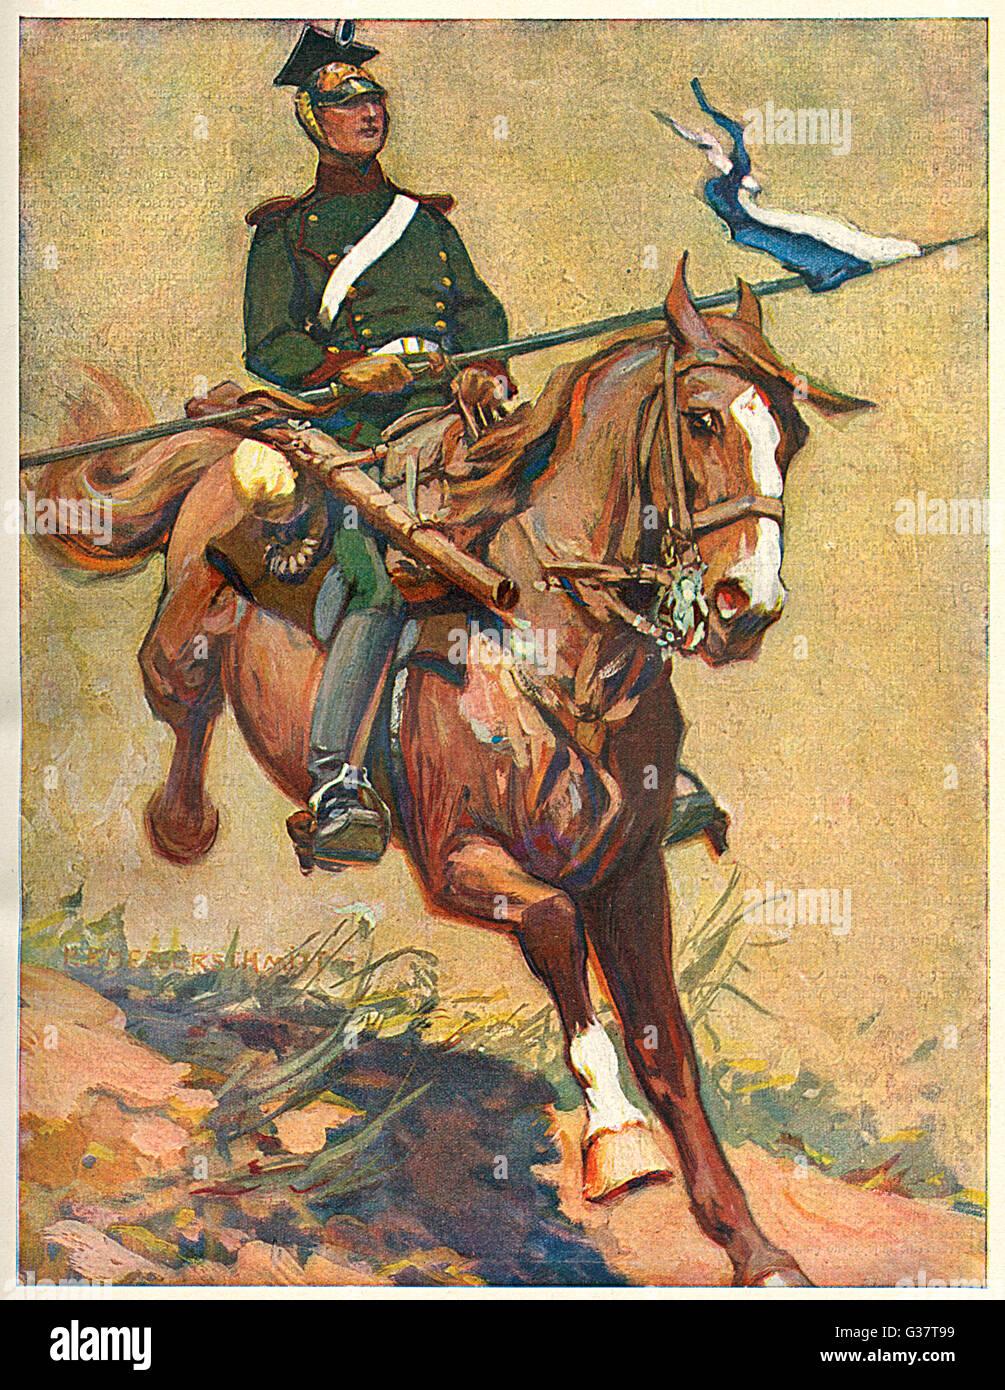 BAYRISCHER ULAN (Bavarian Uhlan)         Date: 1914 - Stock Image